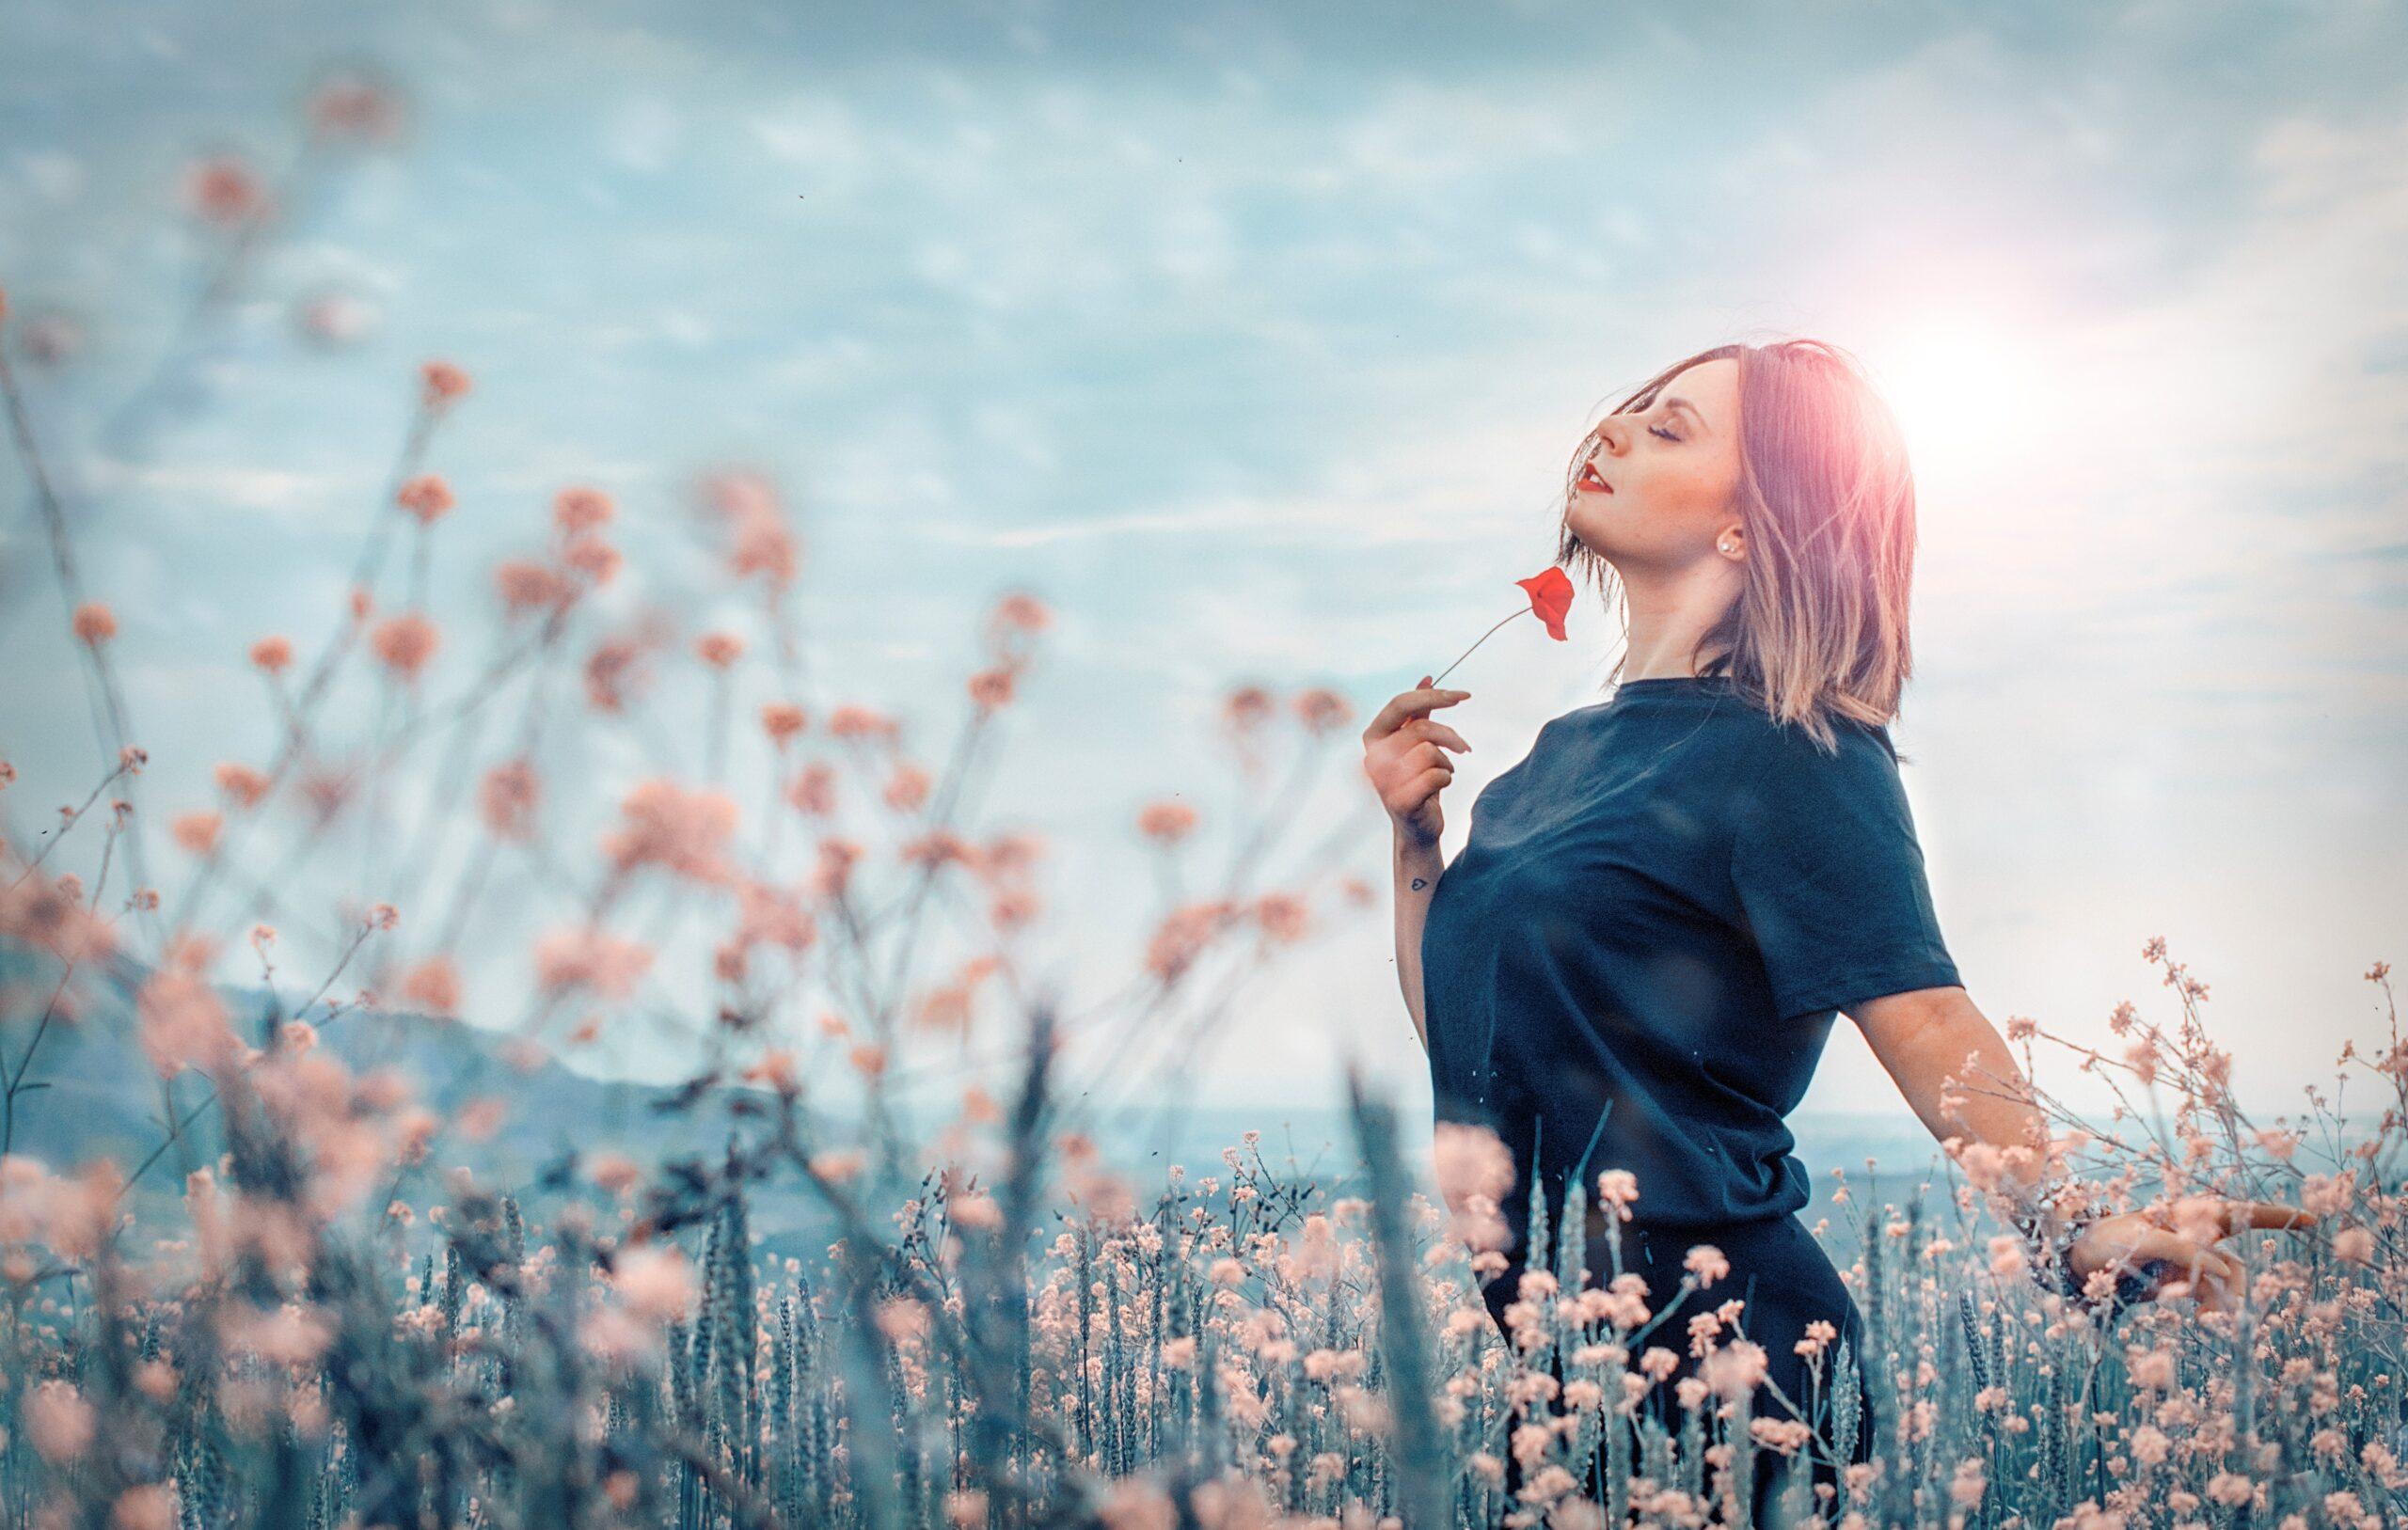 Heal, empower & transform